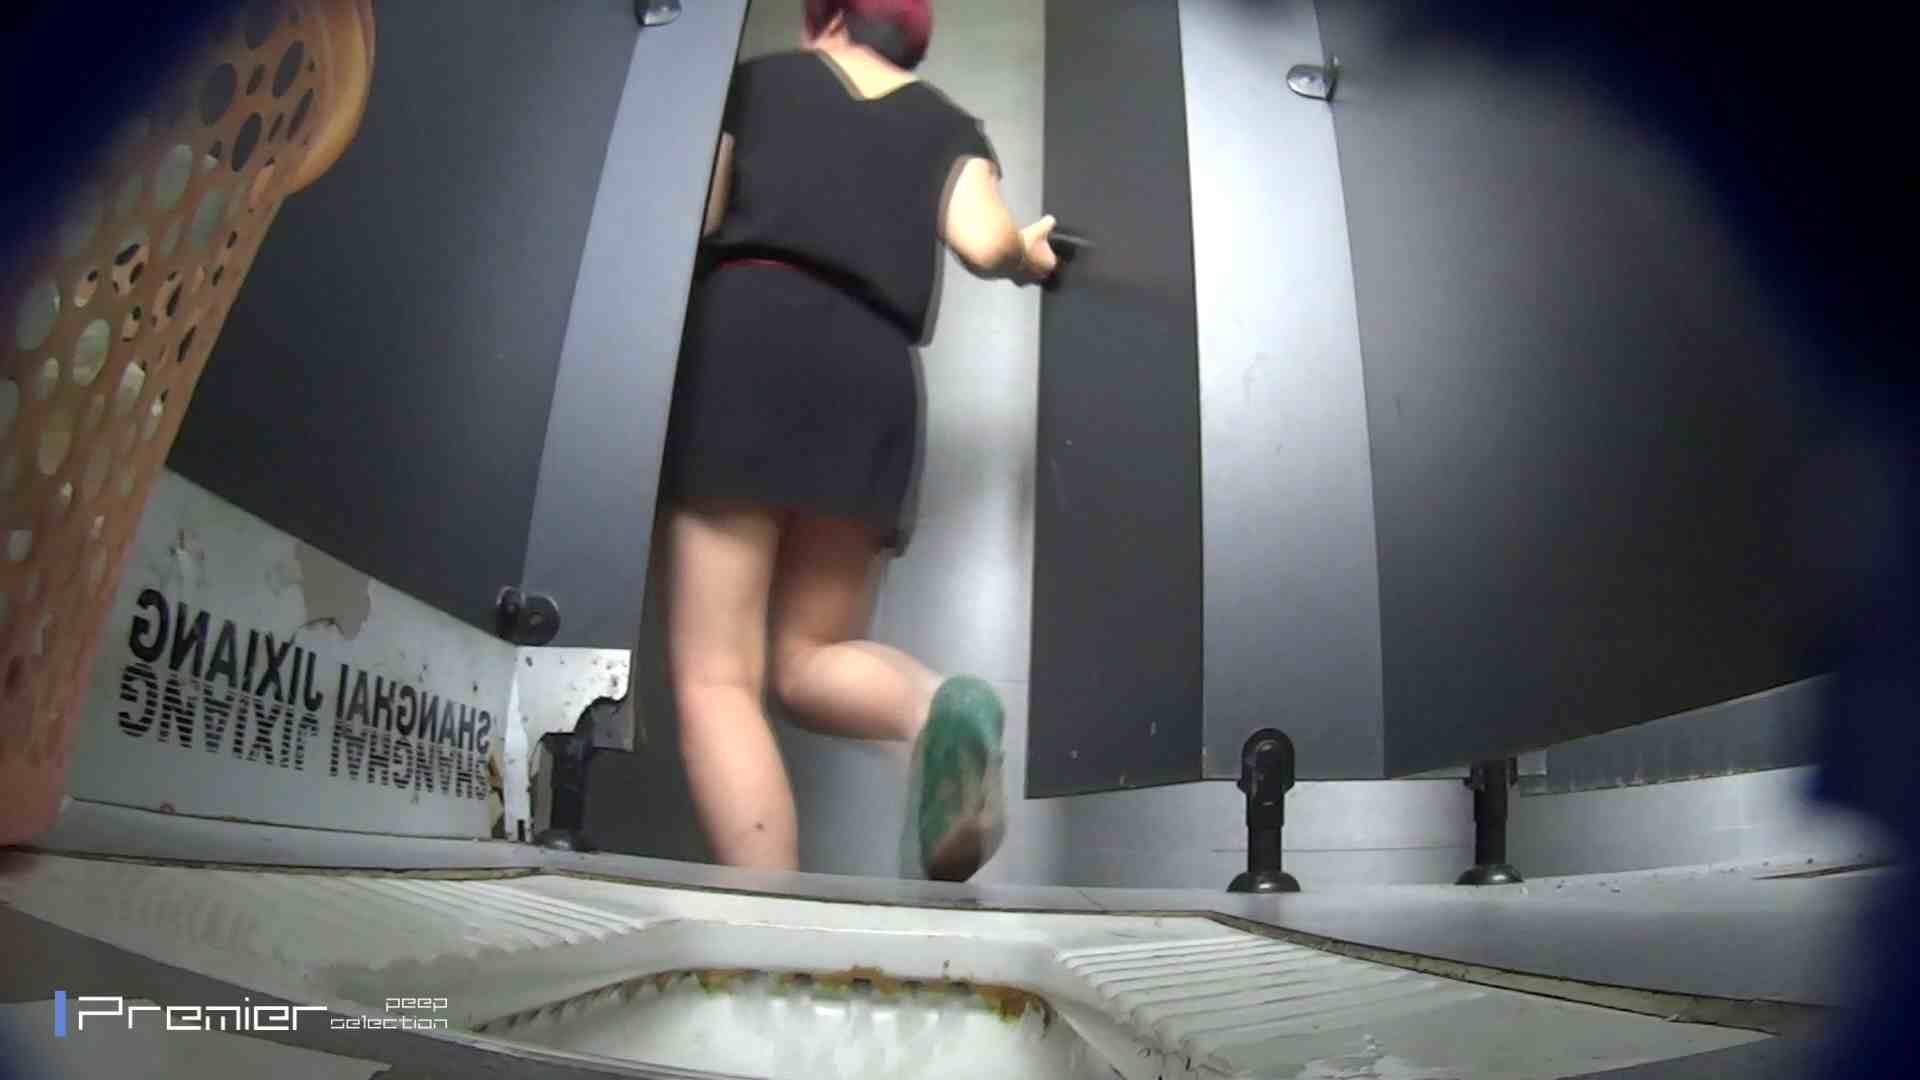 びゅーっと!オシッコ放出 大学休憩時間の洗面所事情47 高画質  64PIX 22